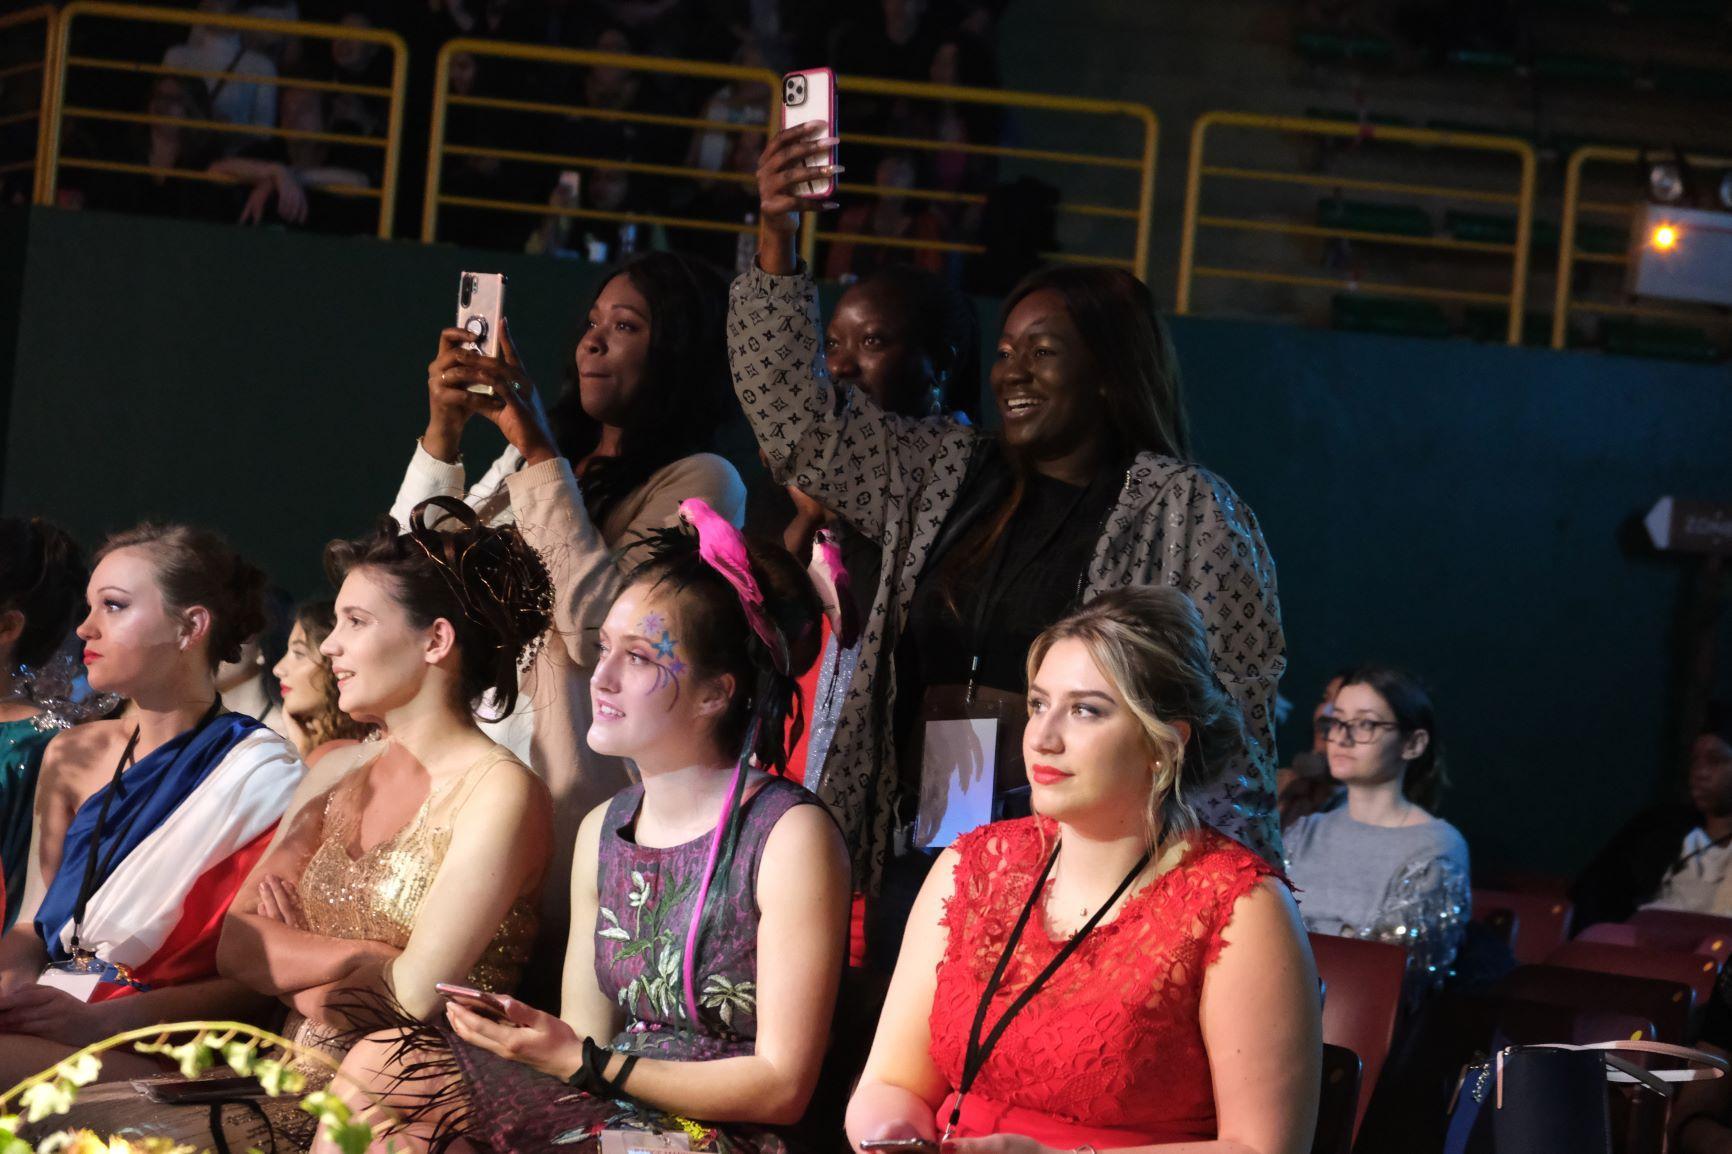 les fans sont  la pour soutenir les mannequins d'un soir